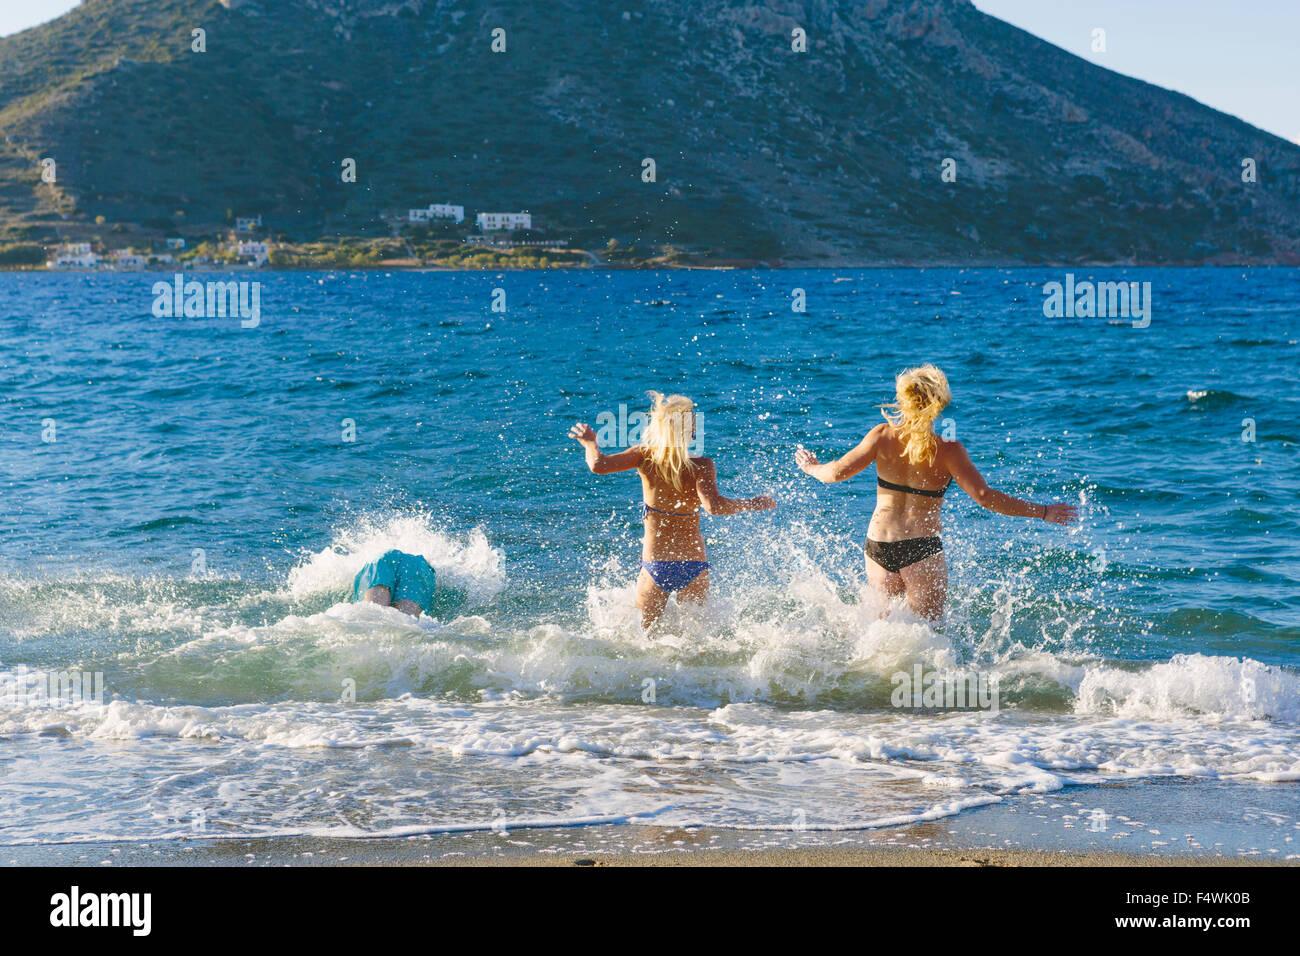 Grecia DODECANNESO, Kalymnos, due donne in esecuzione in mare Immagini Stock